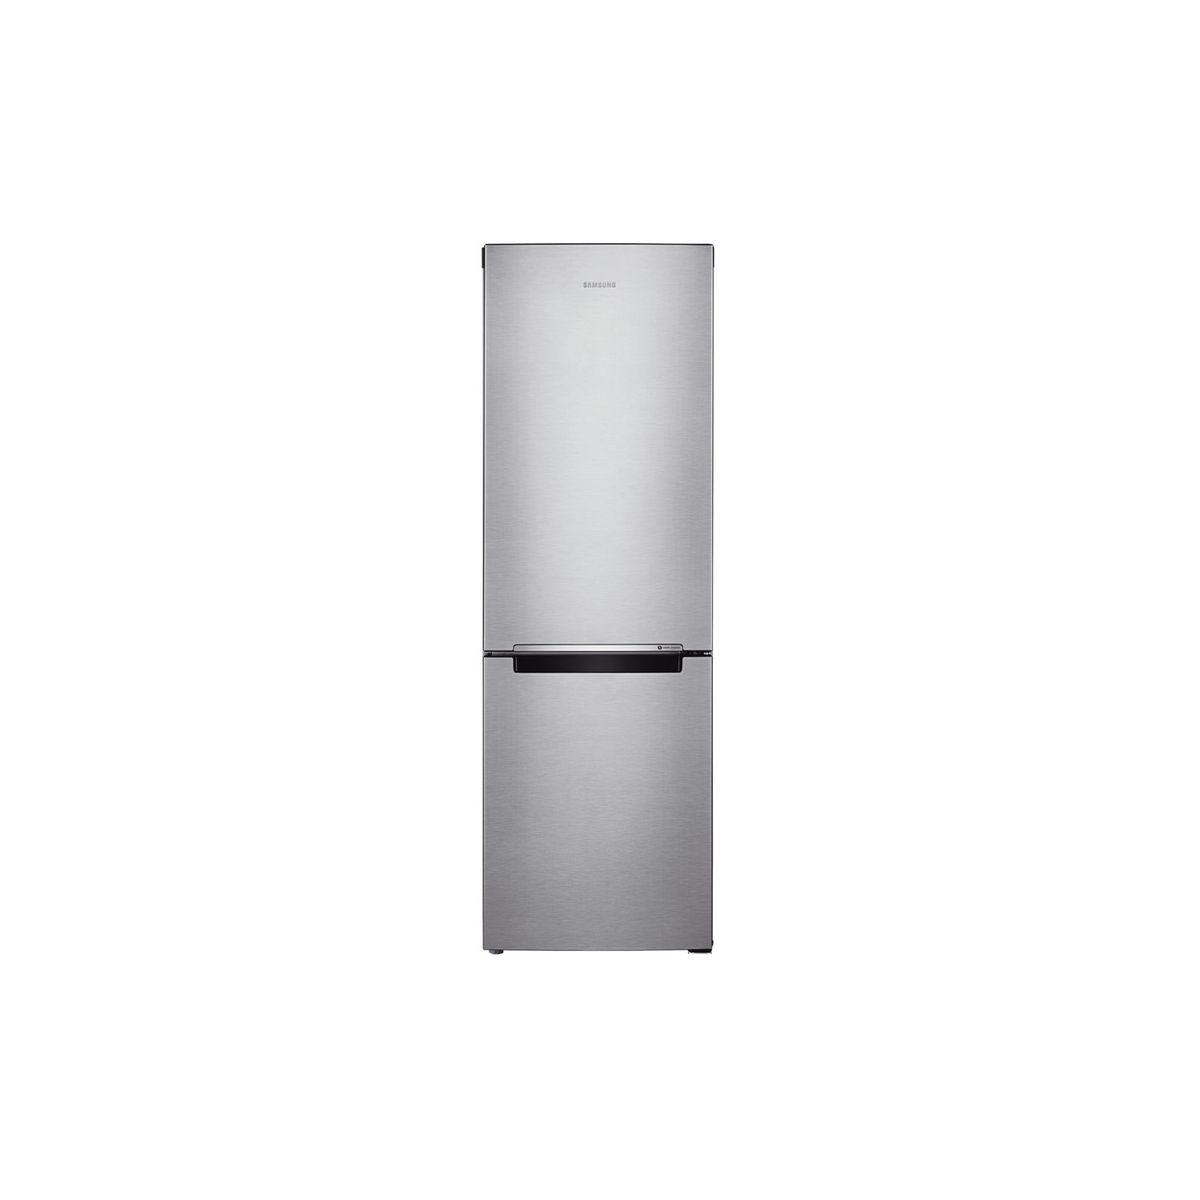 Réfrigérateur combiné RB33N300NSA, 315 L, Froid No Frost